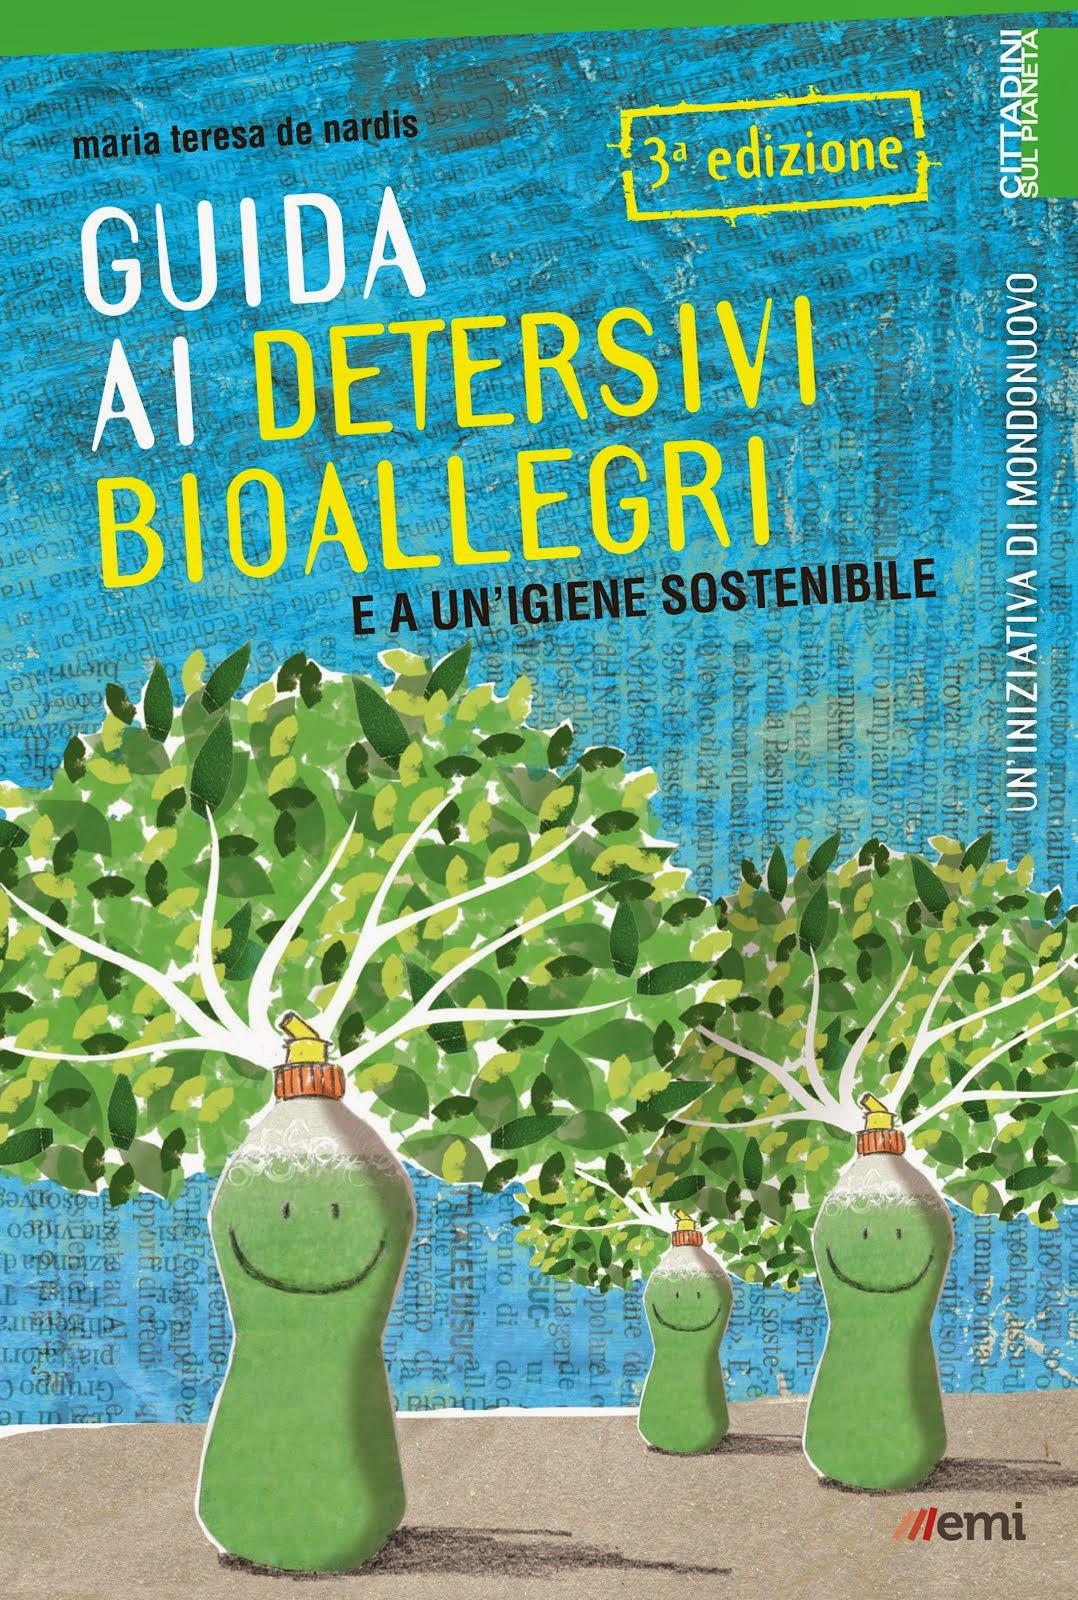 Guida ai detersivi bioallegri